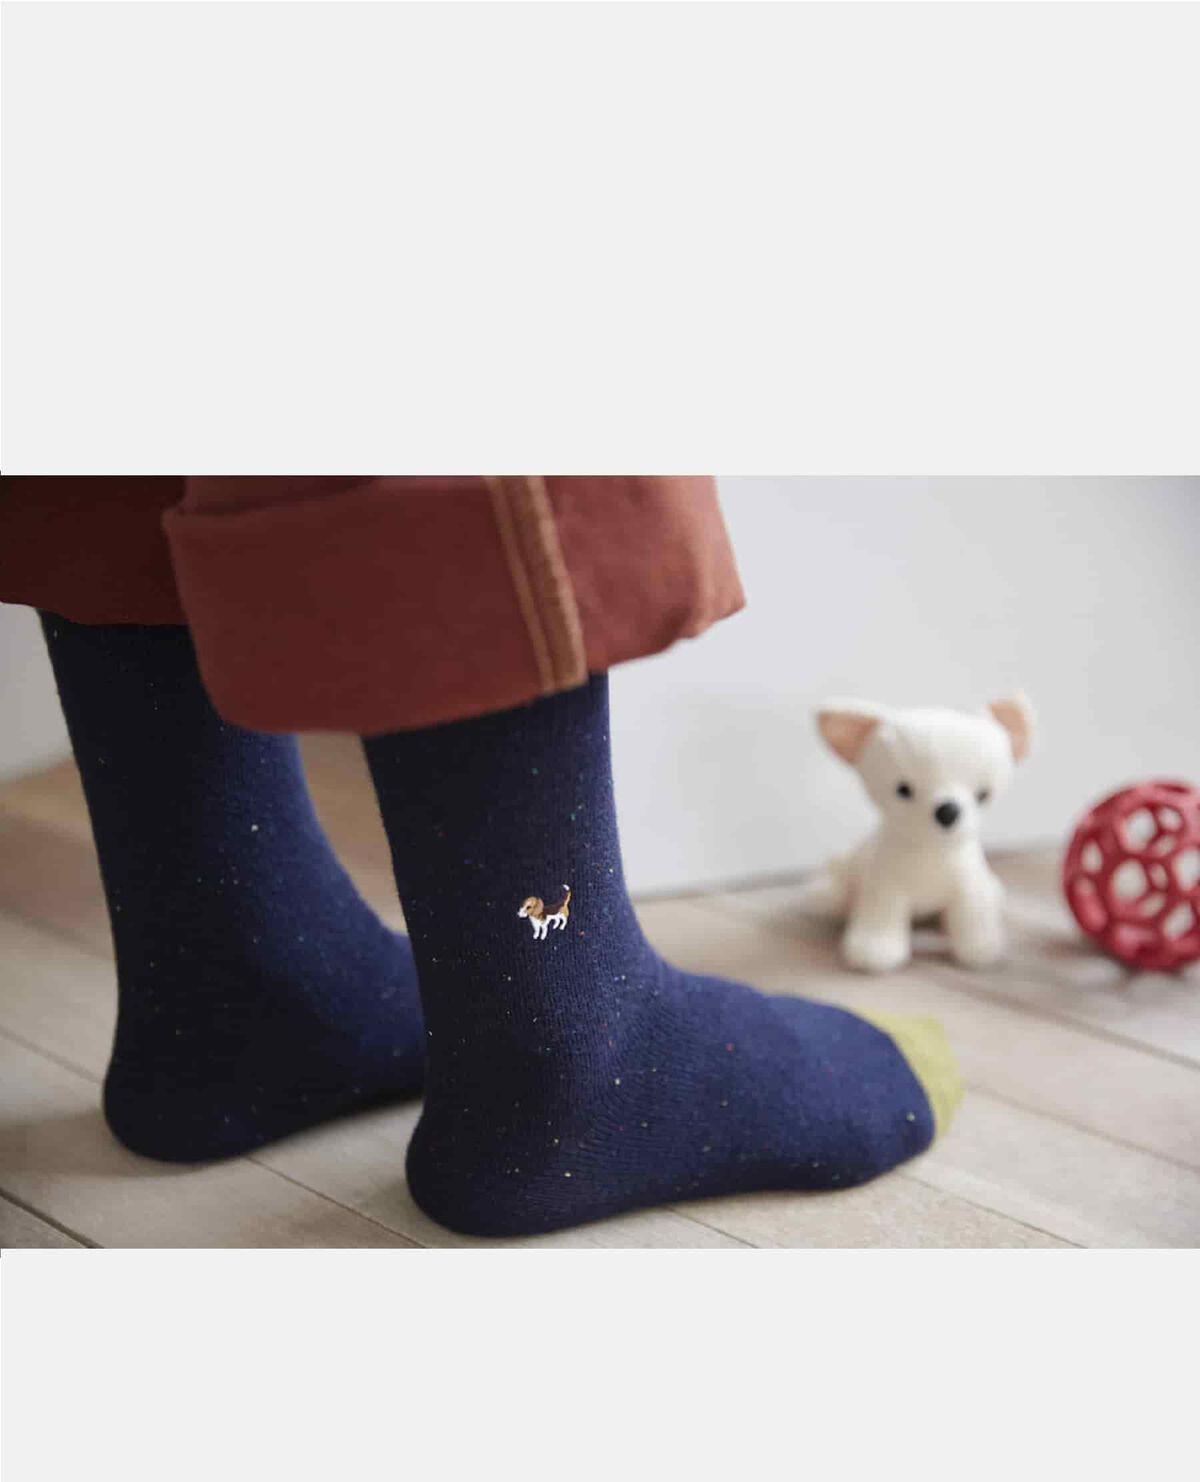 靴下 ビーグル 犬